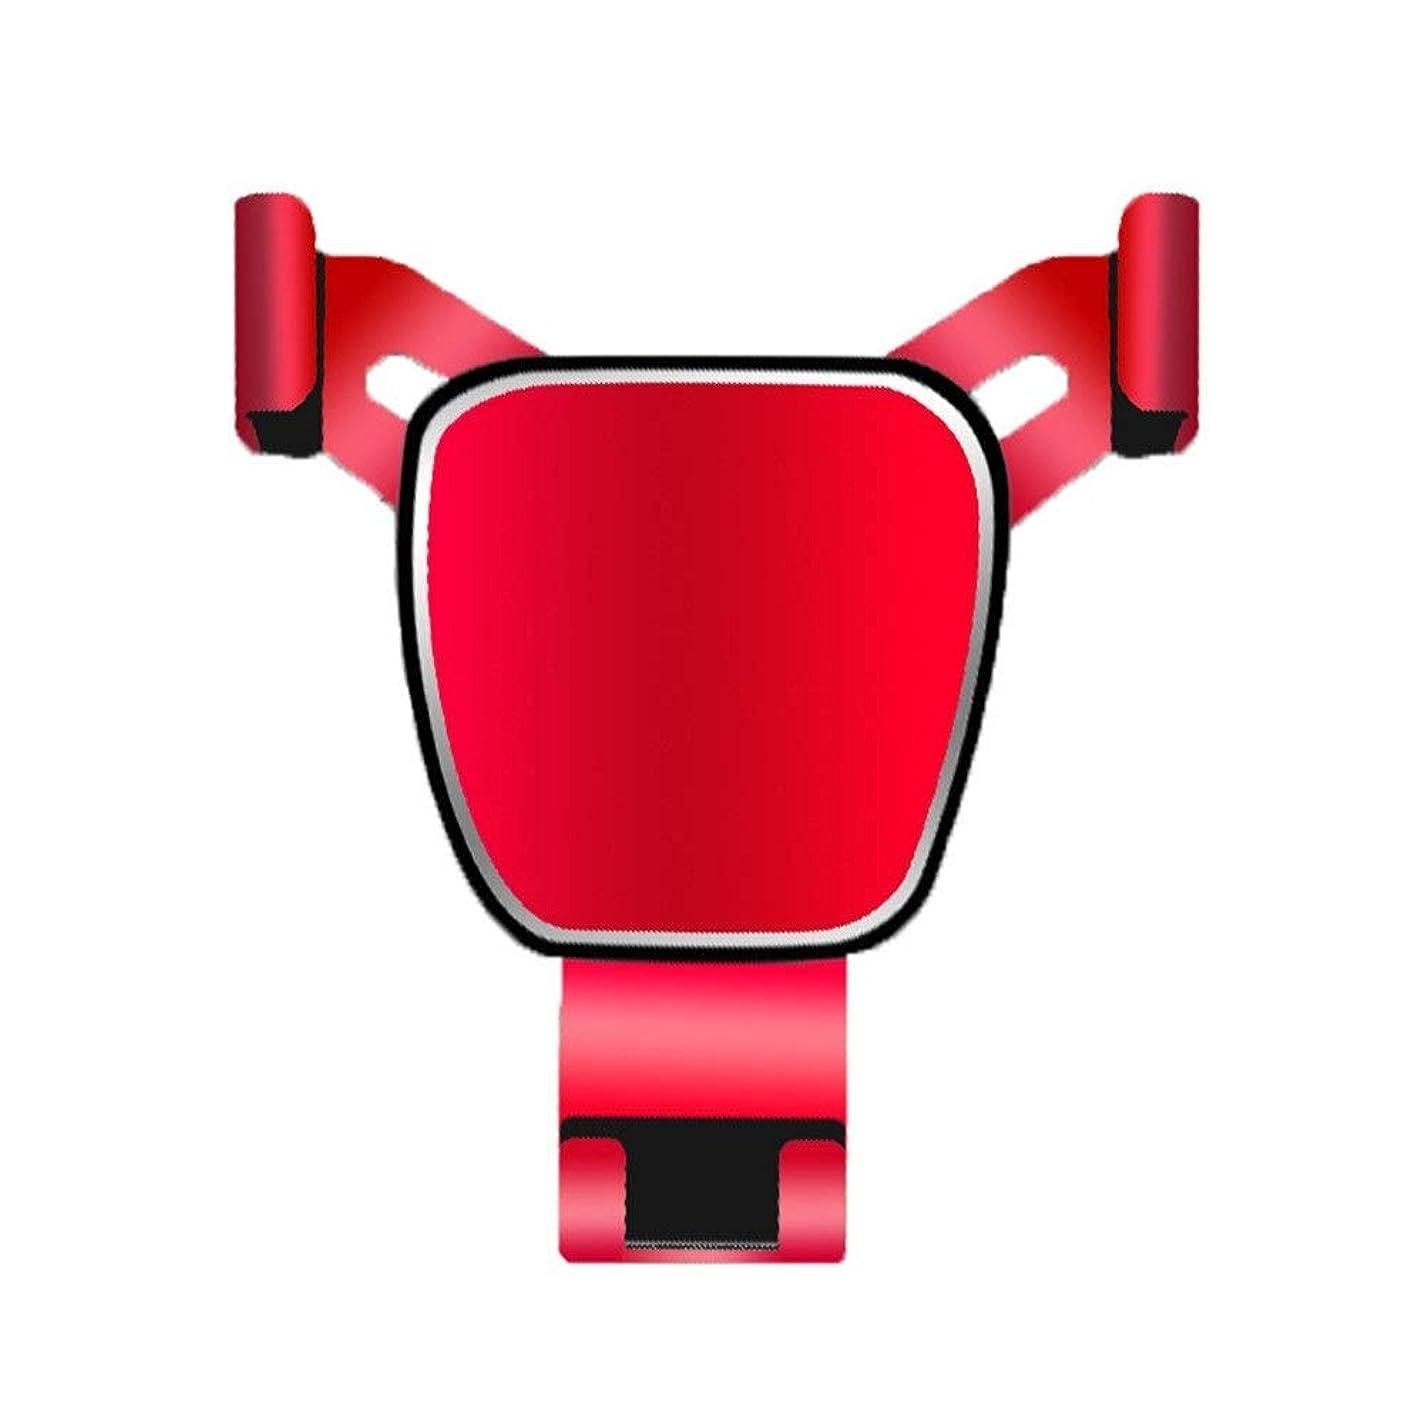 上陸平日エンジニア車の電話ホルダー、車のアウトレットメタル電話ホルダー、車の重力ブラケット (Color : Red)